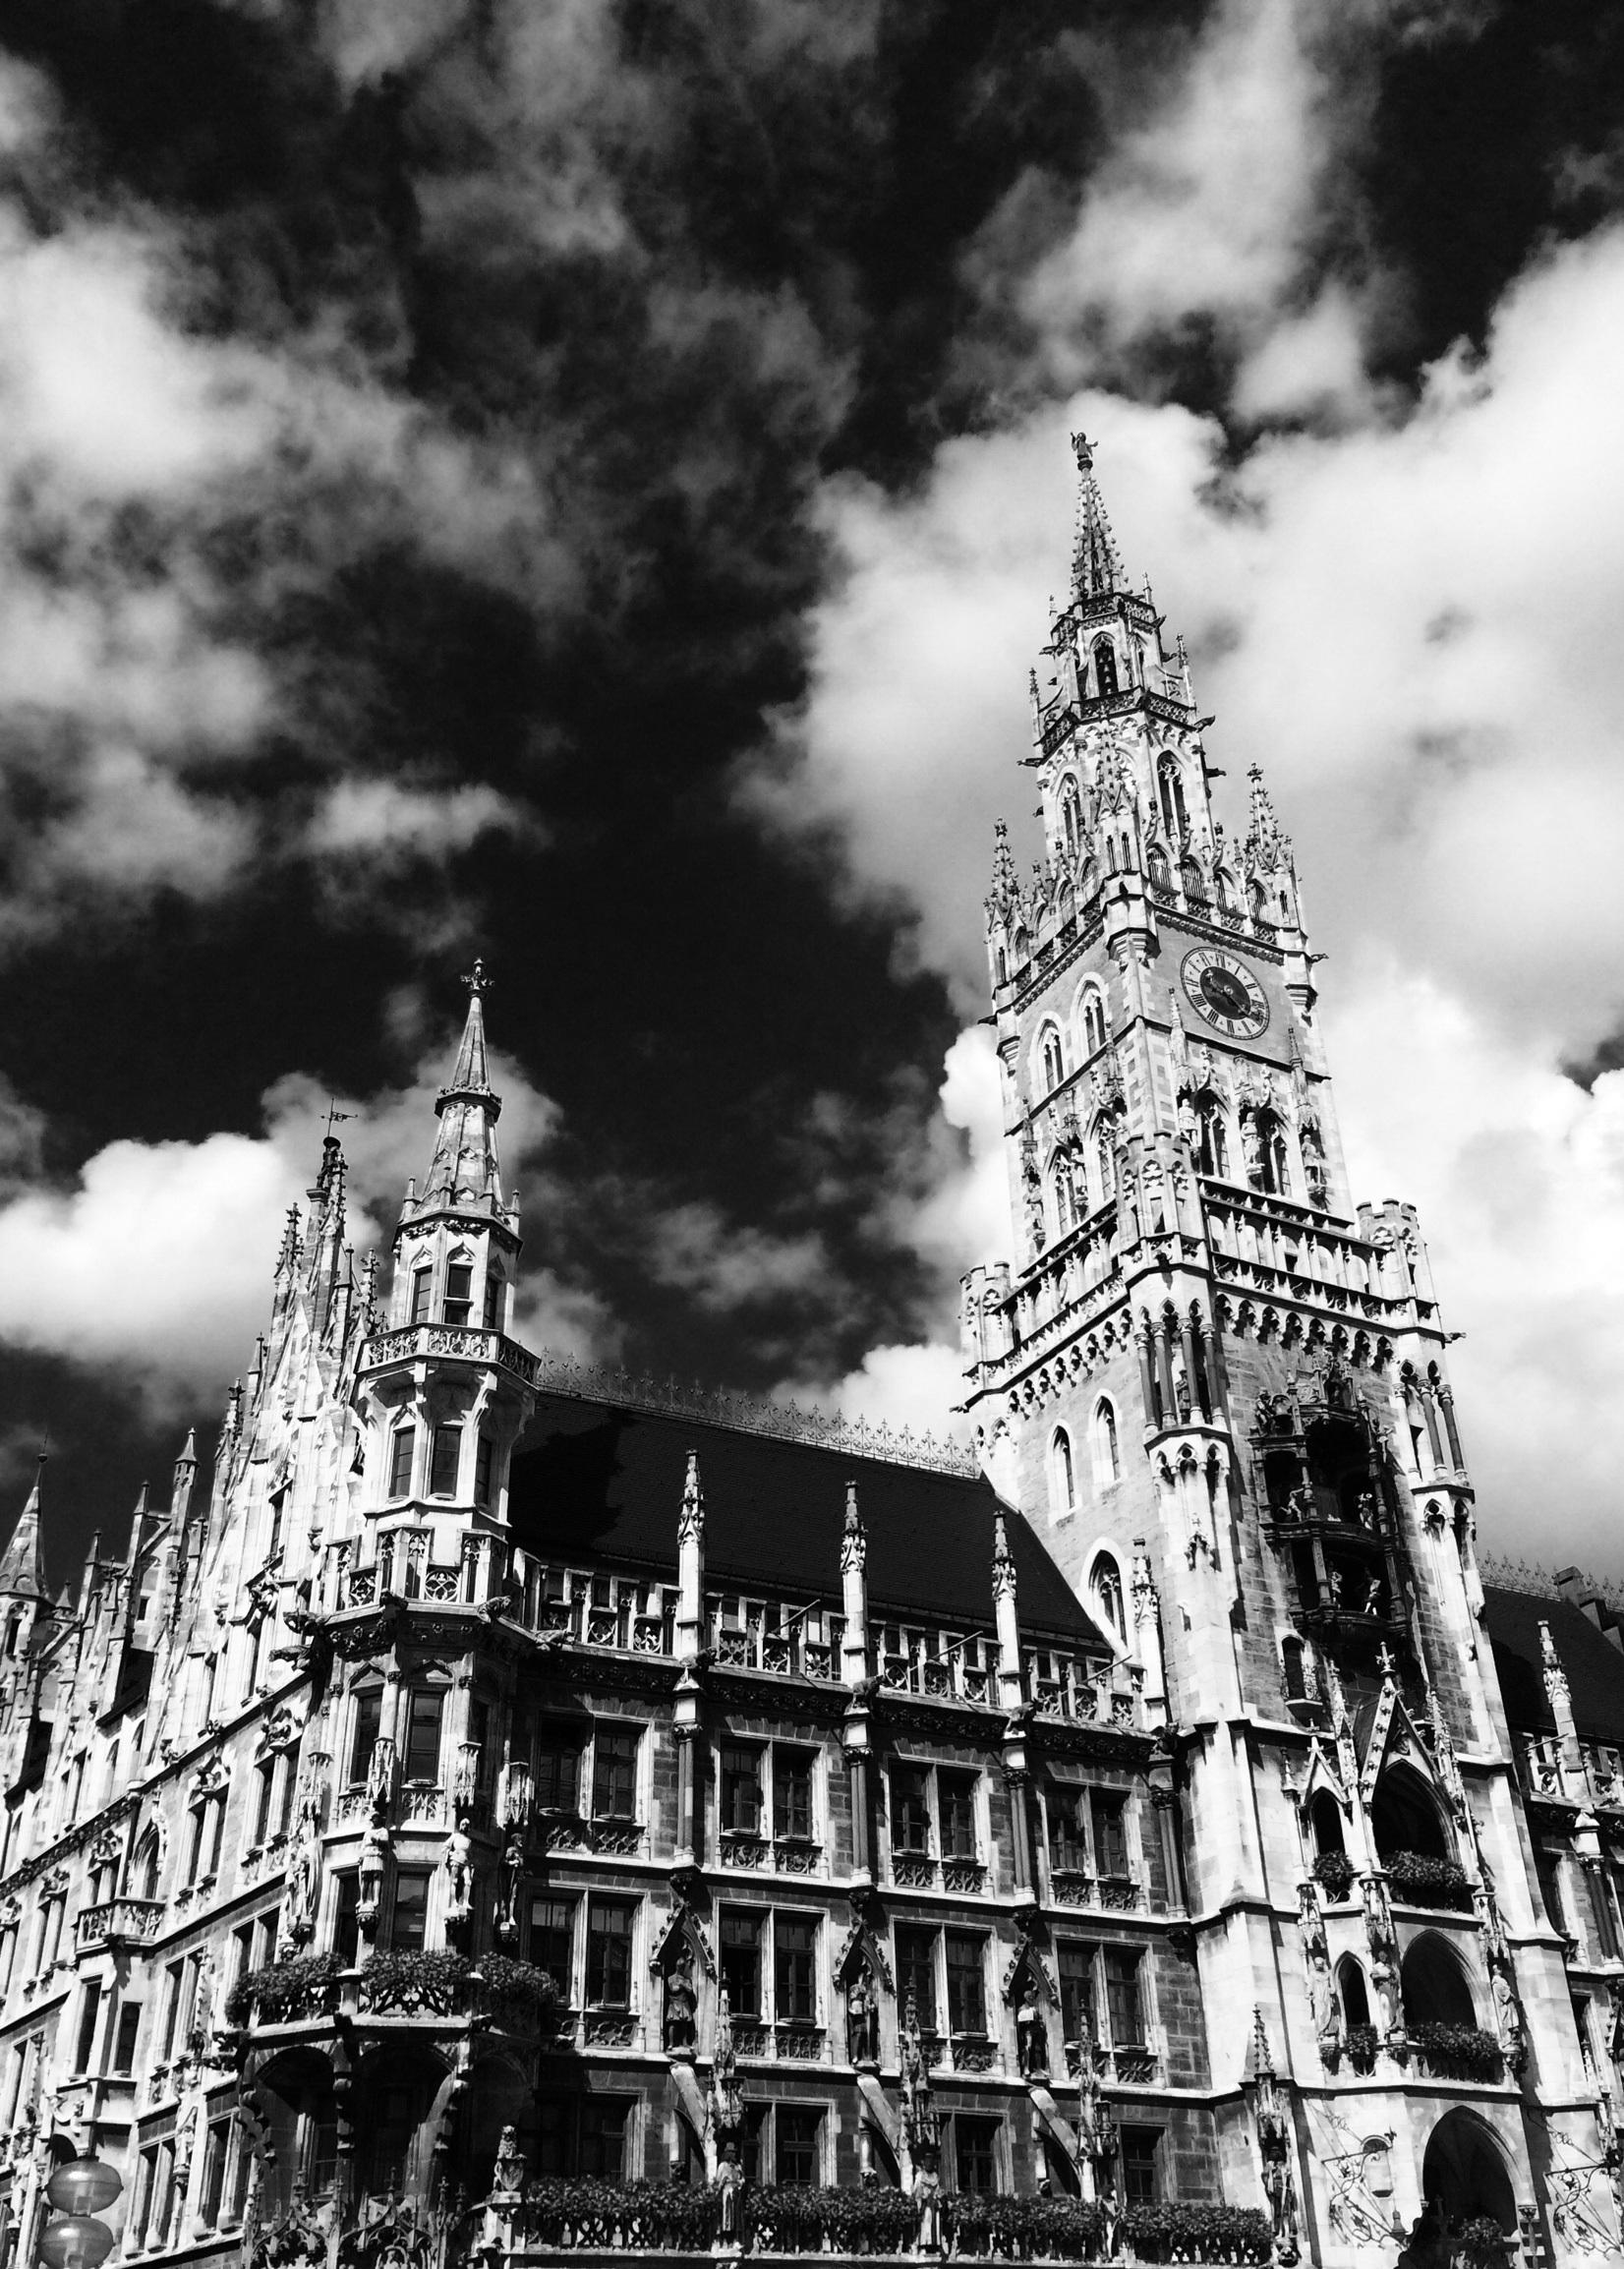 Достопримечательности германии черно белые картинки